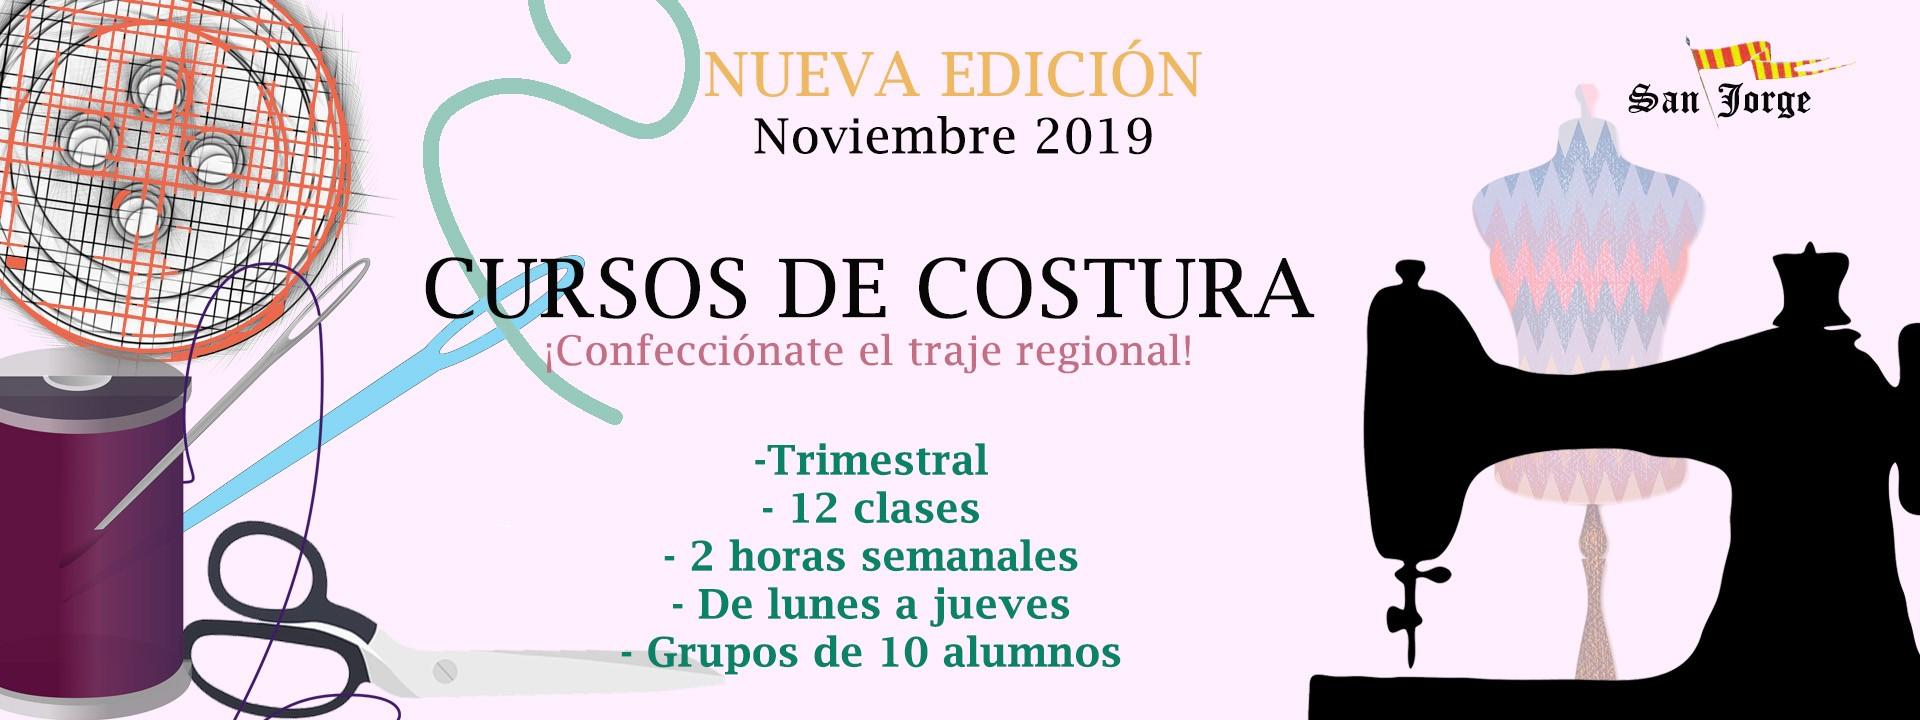 https://indumentariasanjorge.es/content/8-cursos-de-costura